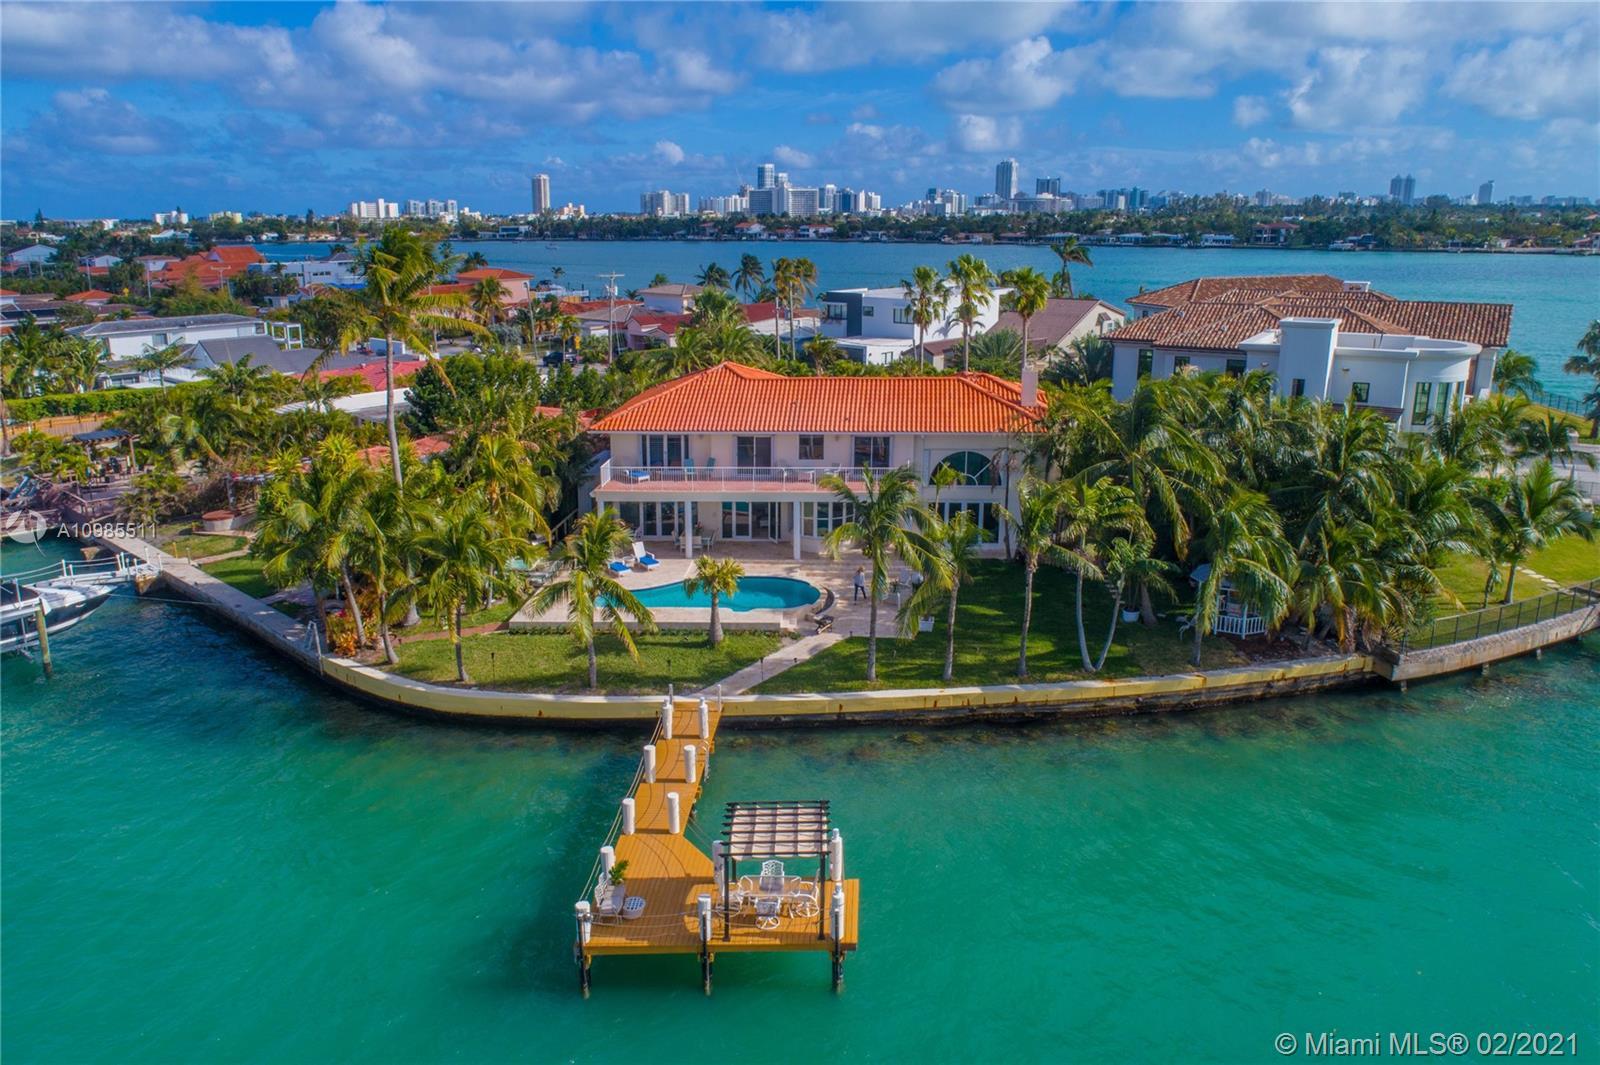 Biscayne Beach #. - 1575 Stillwater Dr #., Miami Beach, FL 33141